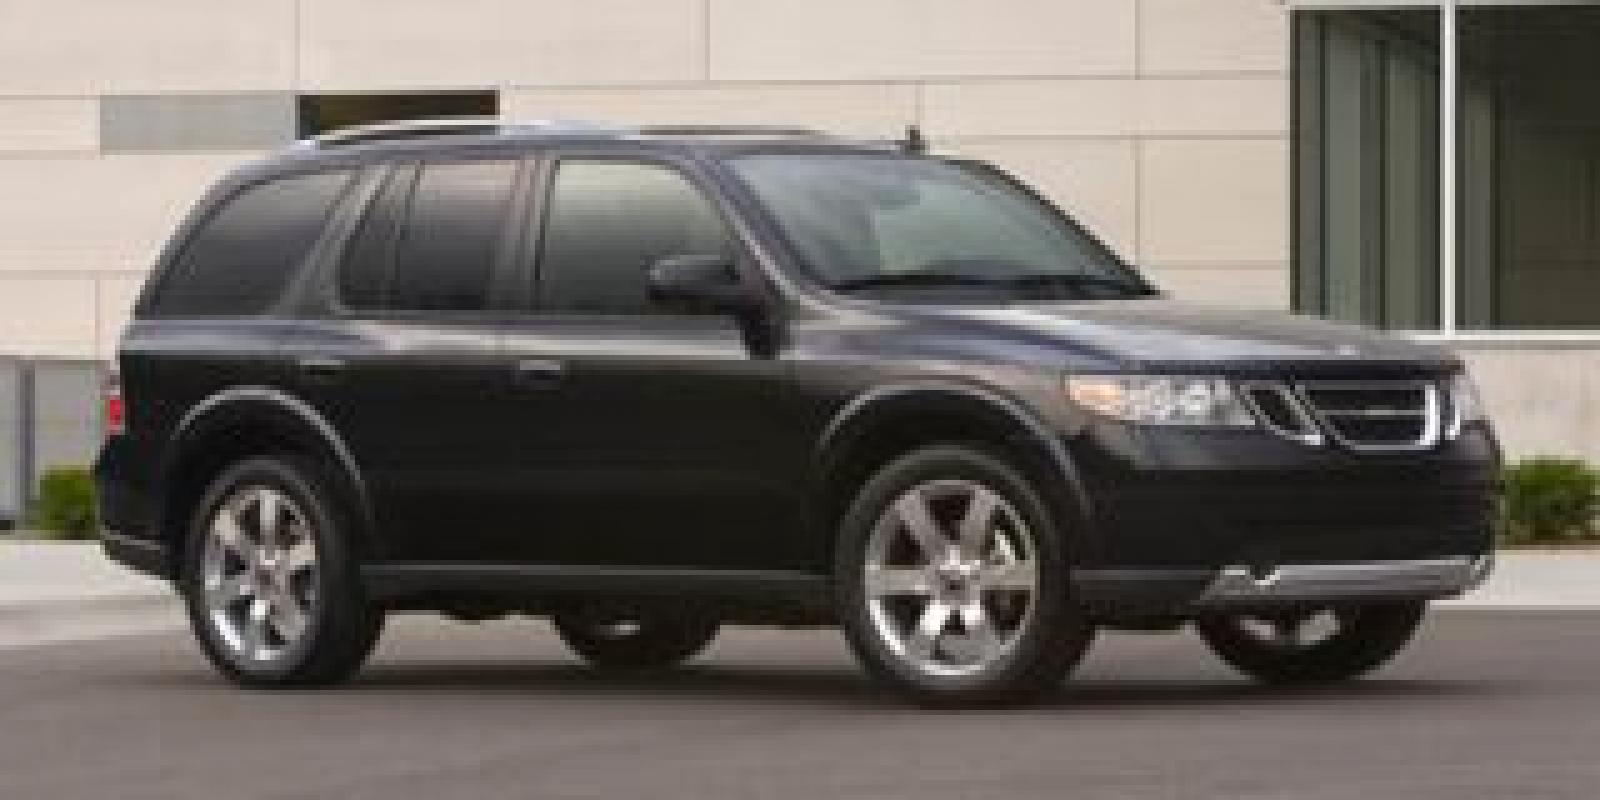 2009 Saab 9 7x